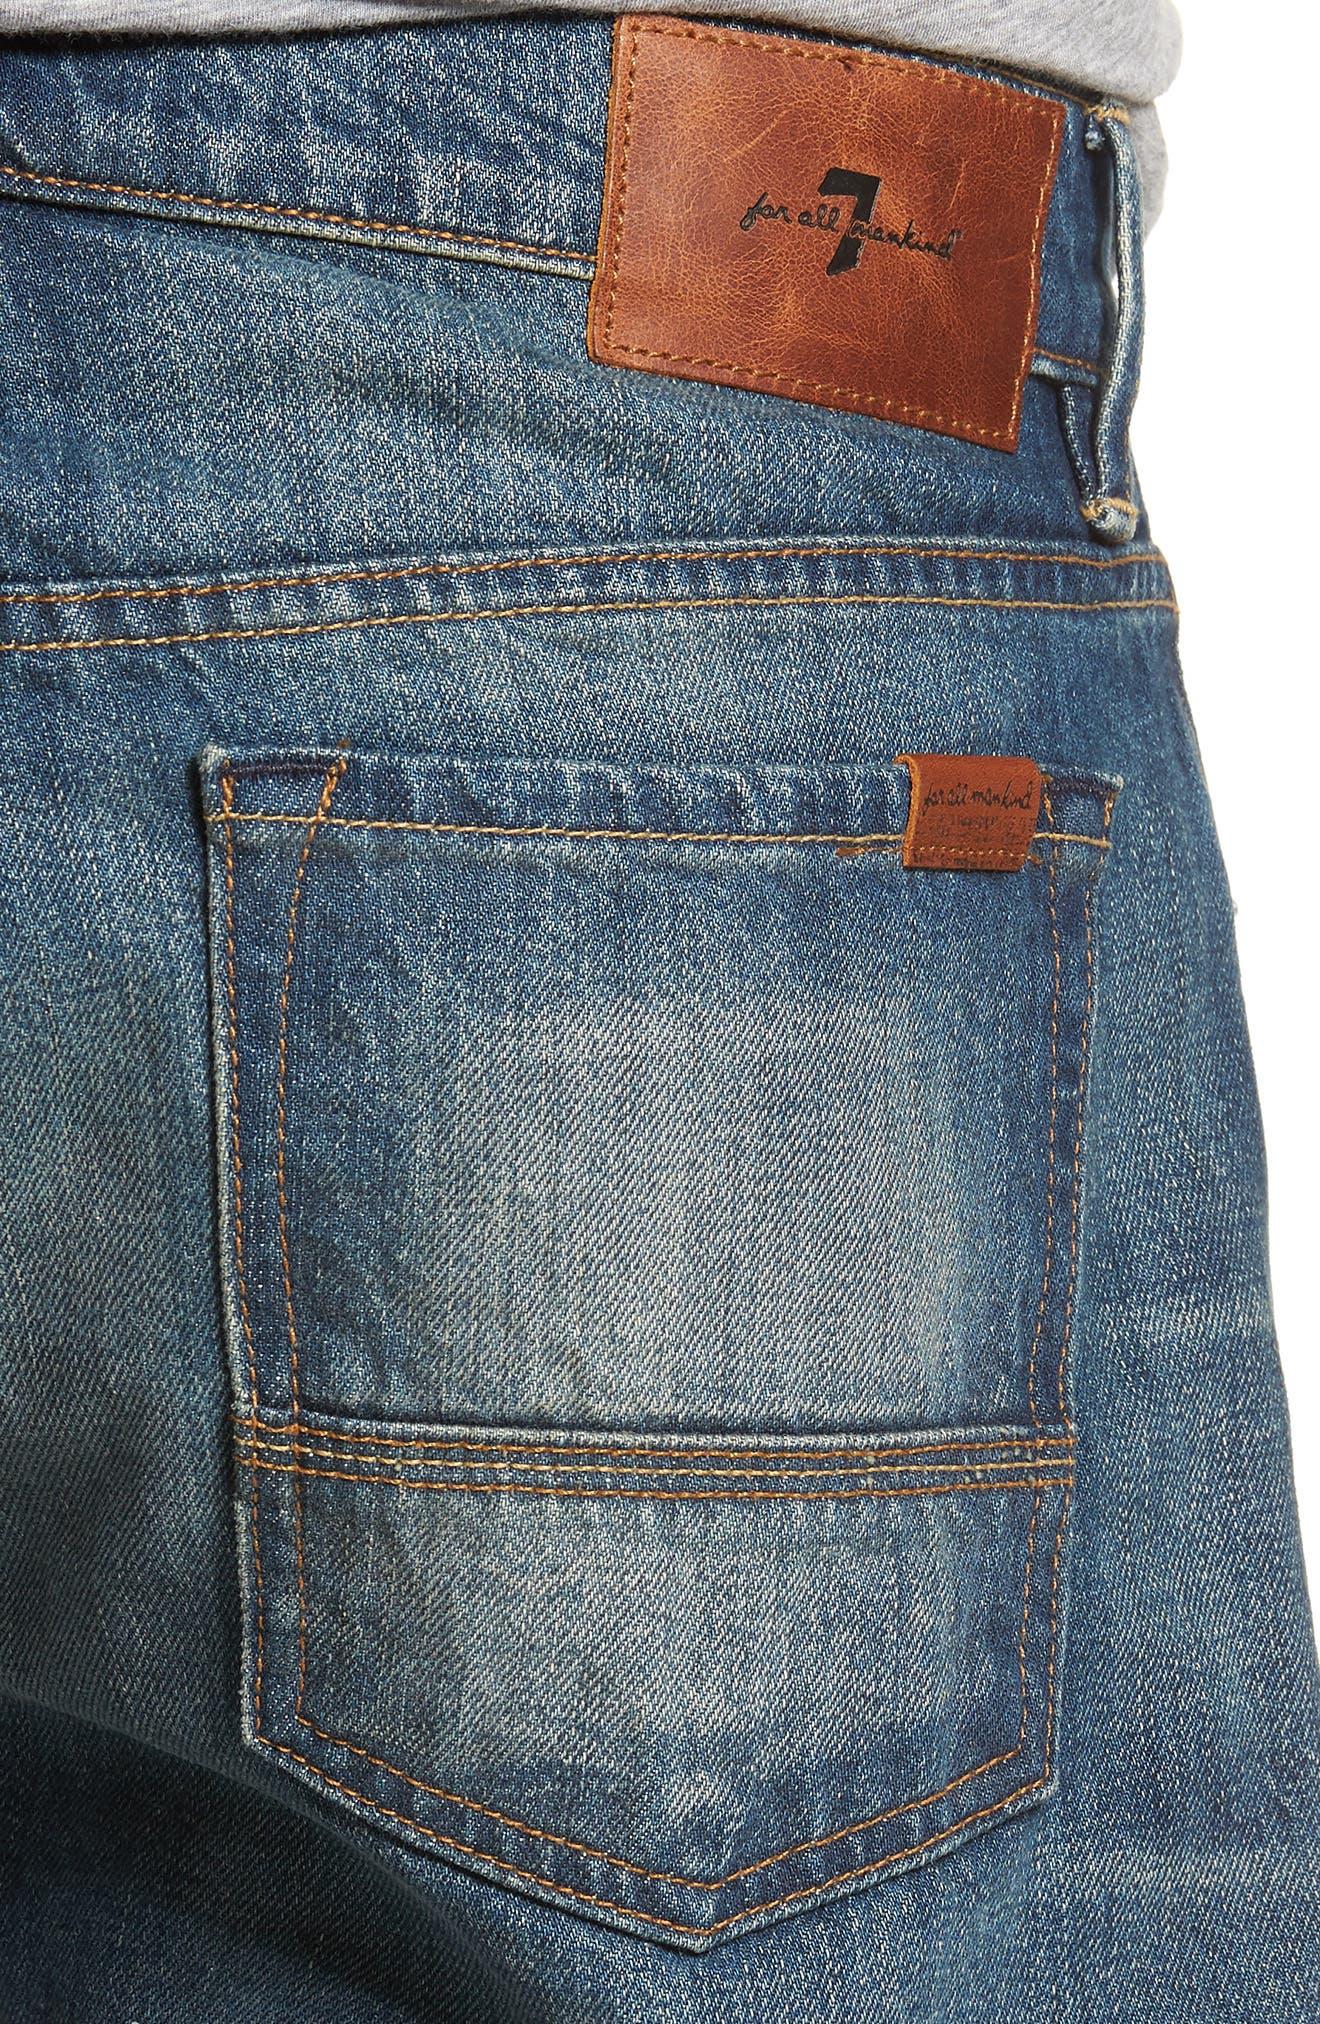 Adrien Slim Fit Jeans,                             Alternate thumbnail 4, color,                             LEGEND